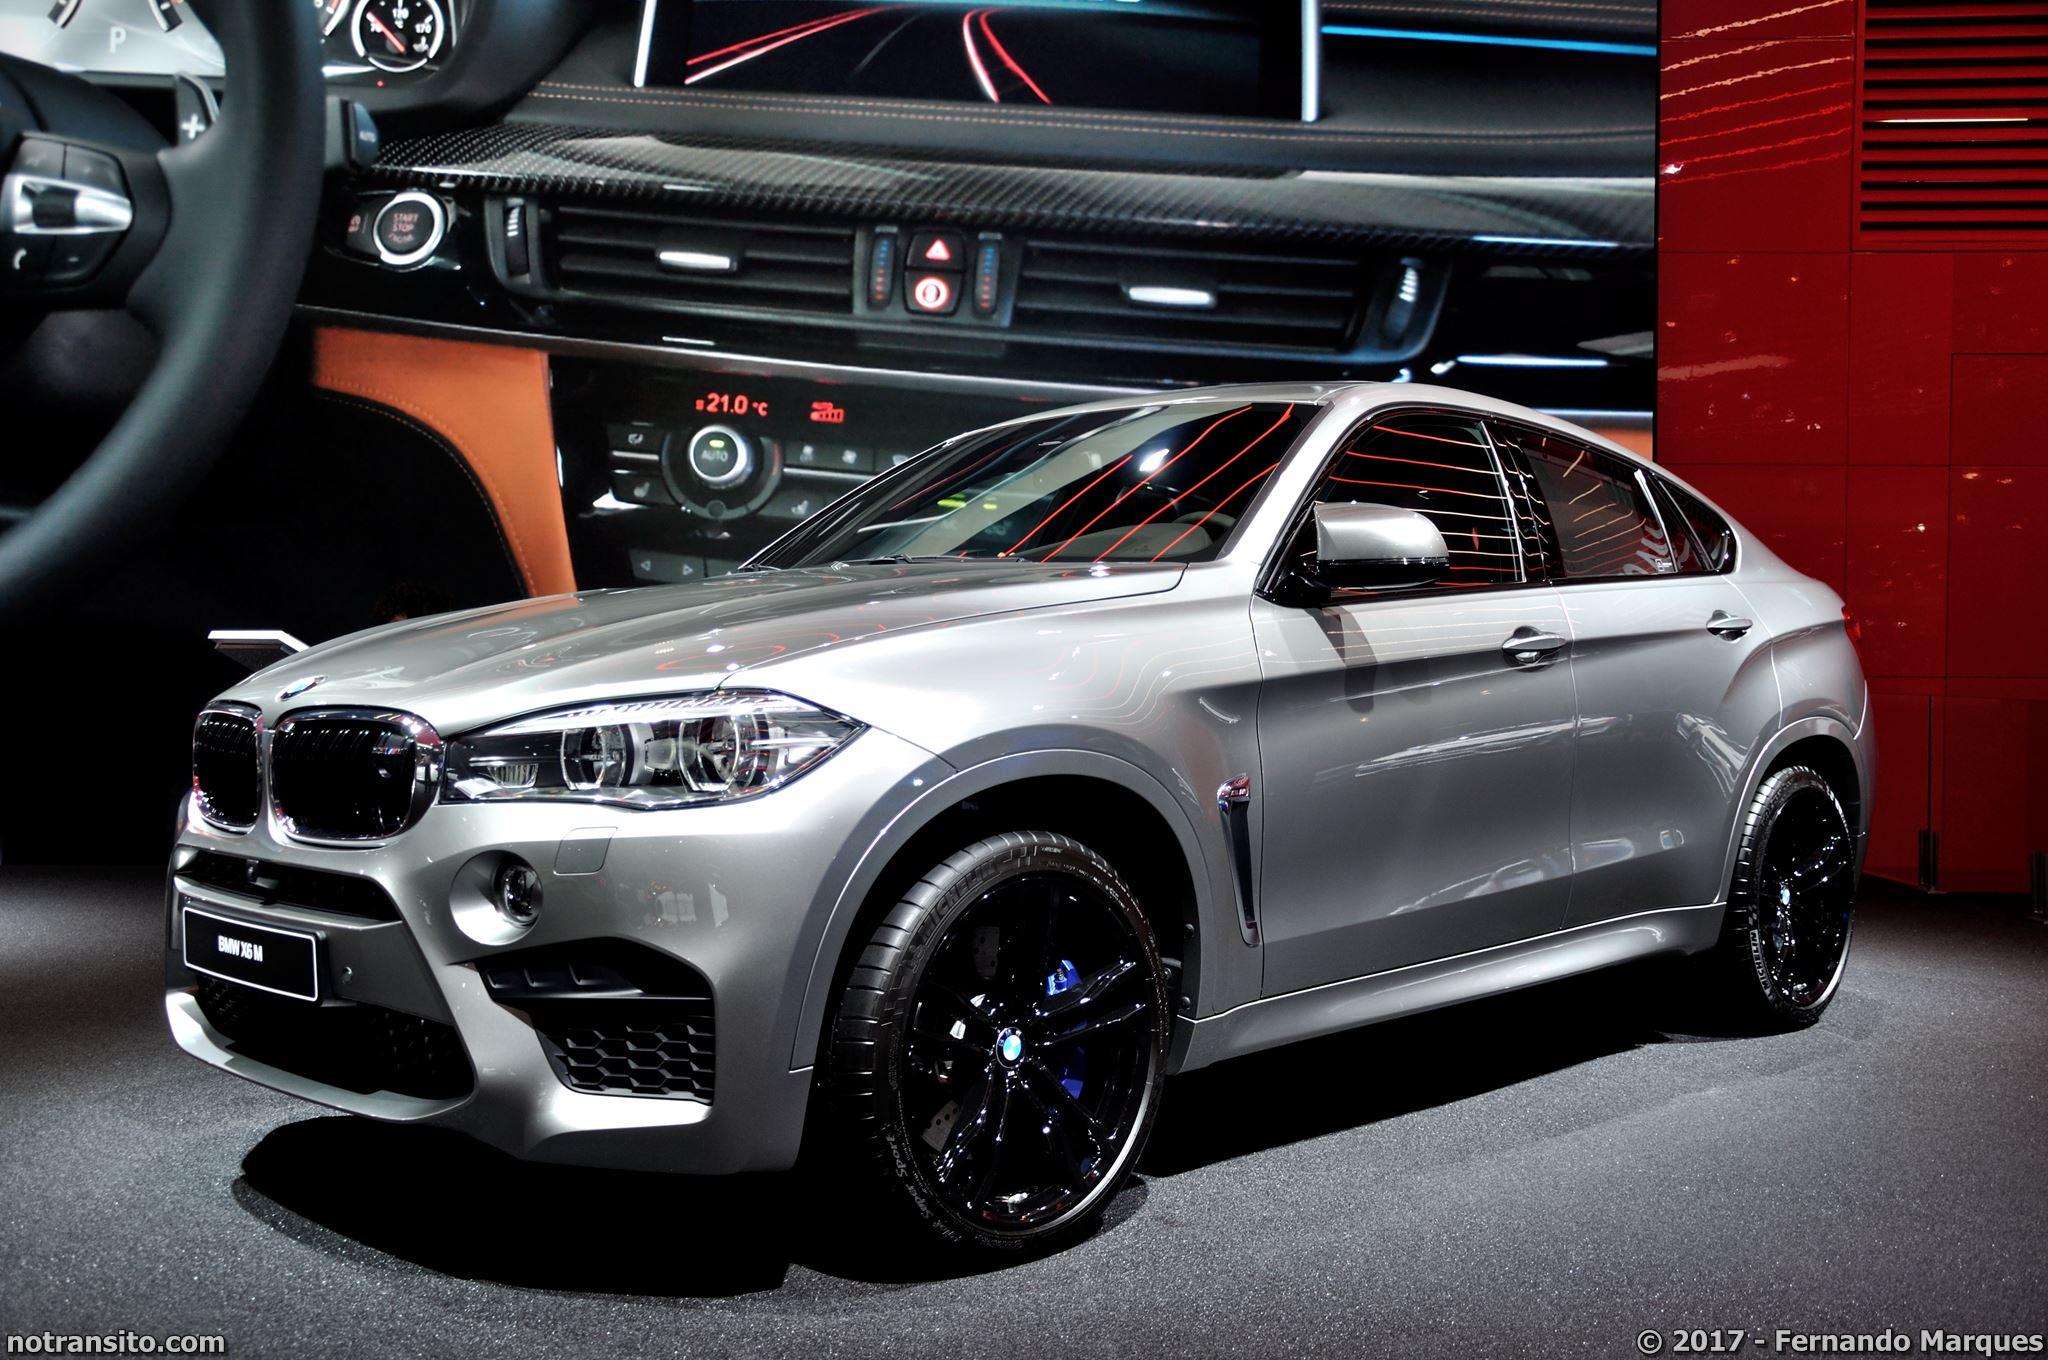 BMW-X6-M-Frankfurt-2017-002